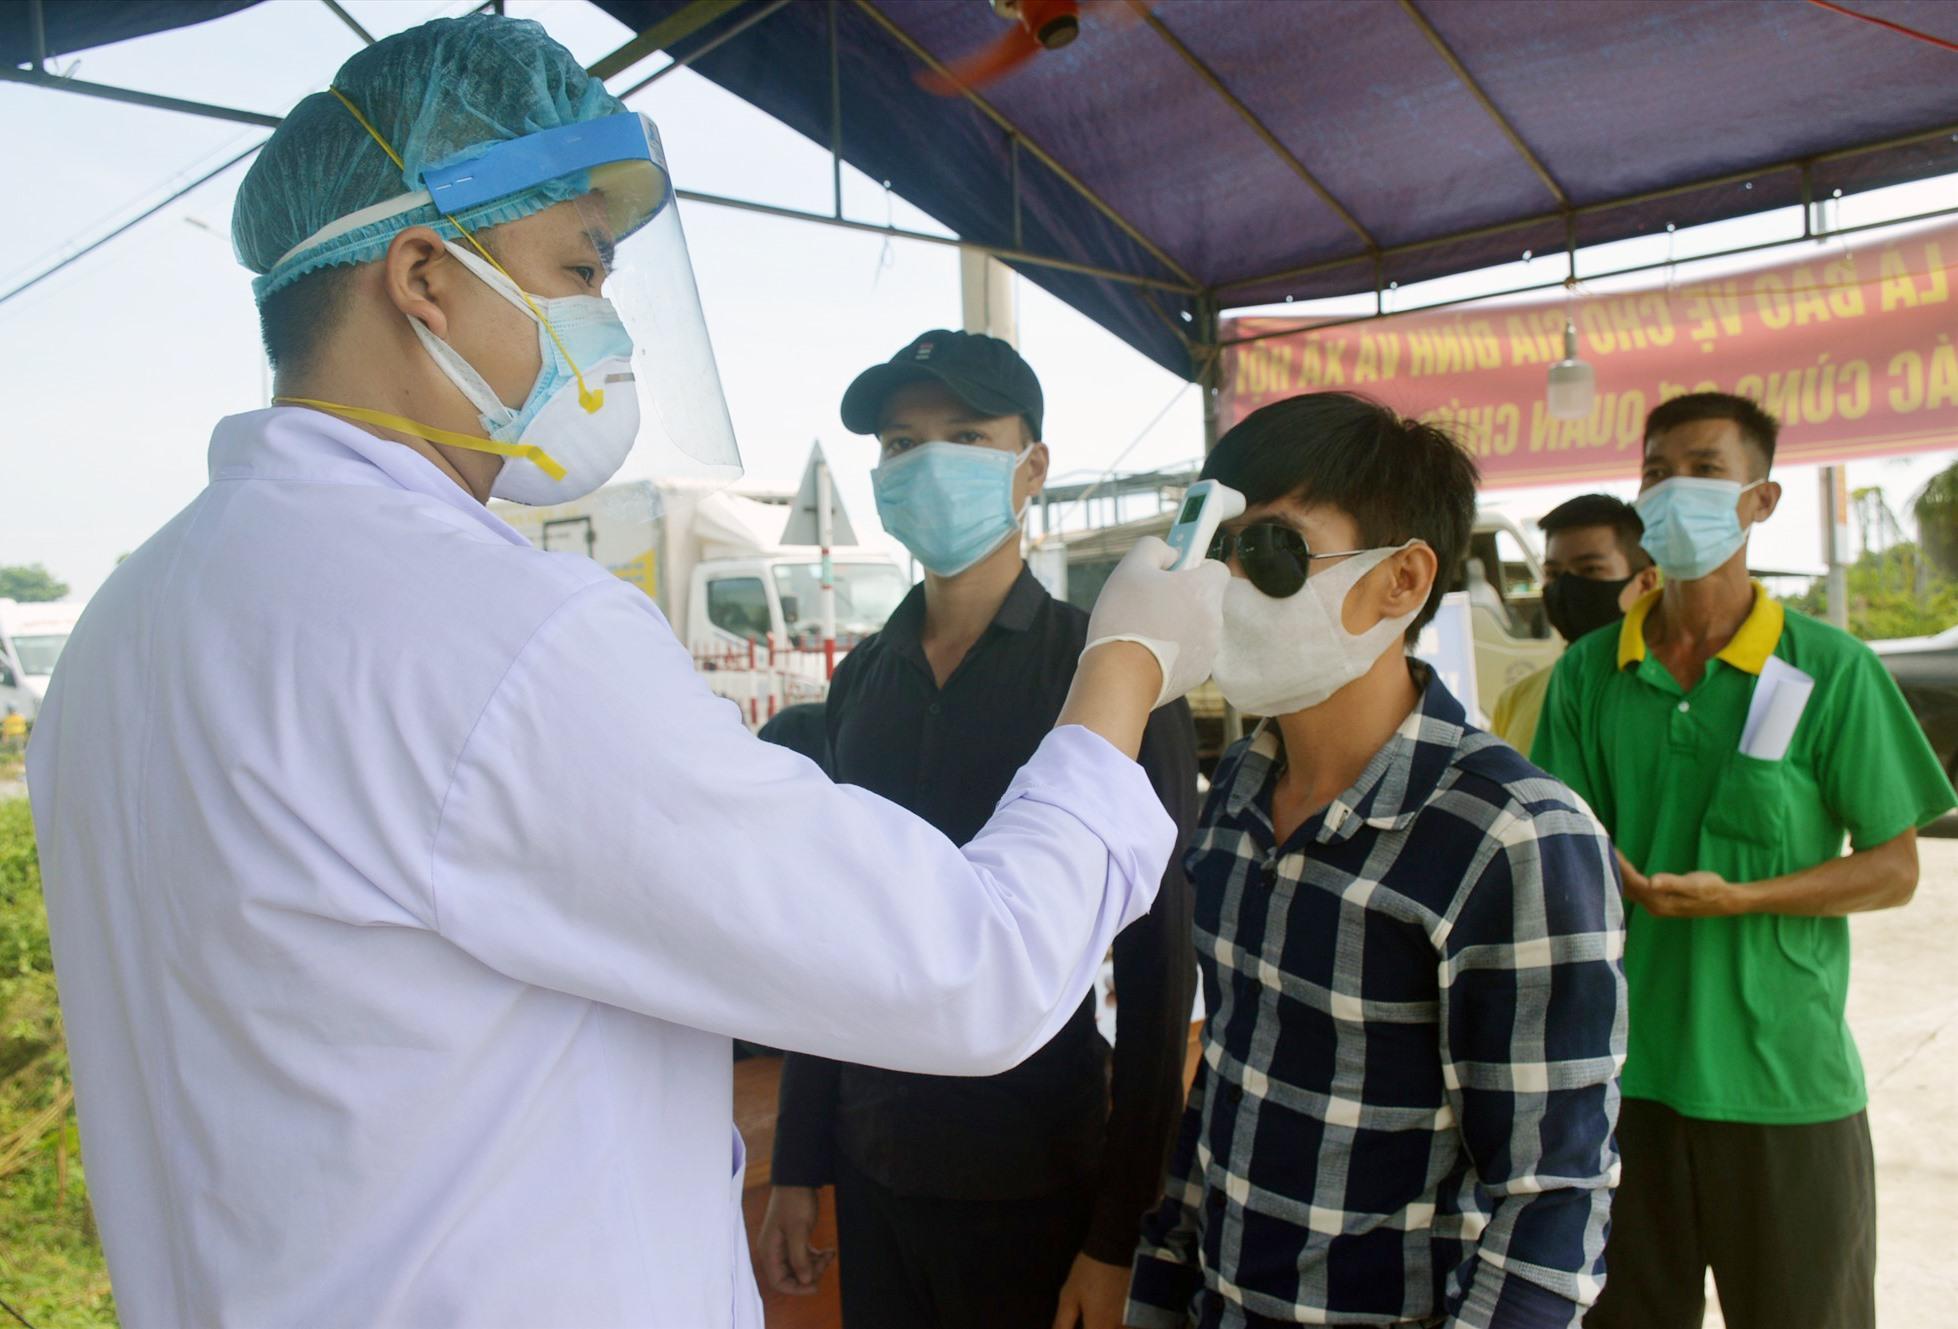 Ngành y tế Quảng Nam đang tìm cách cải thiện nguồn nhân lực hiện rất khan hiếm của mình. Ảnh: L.Q